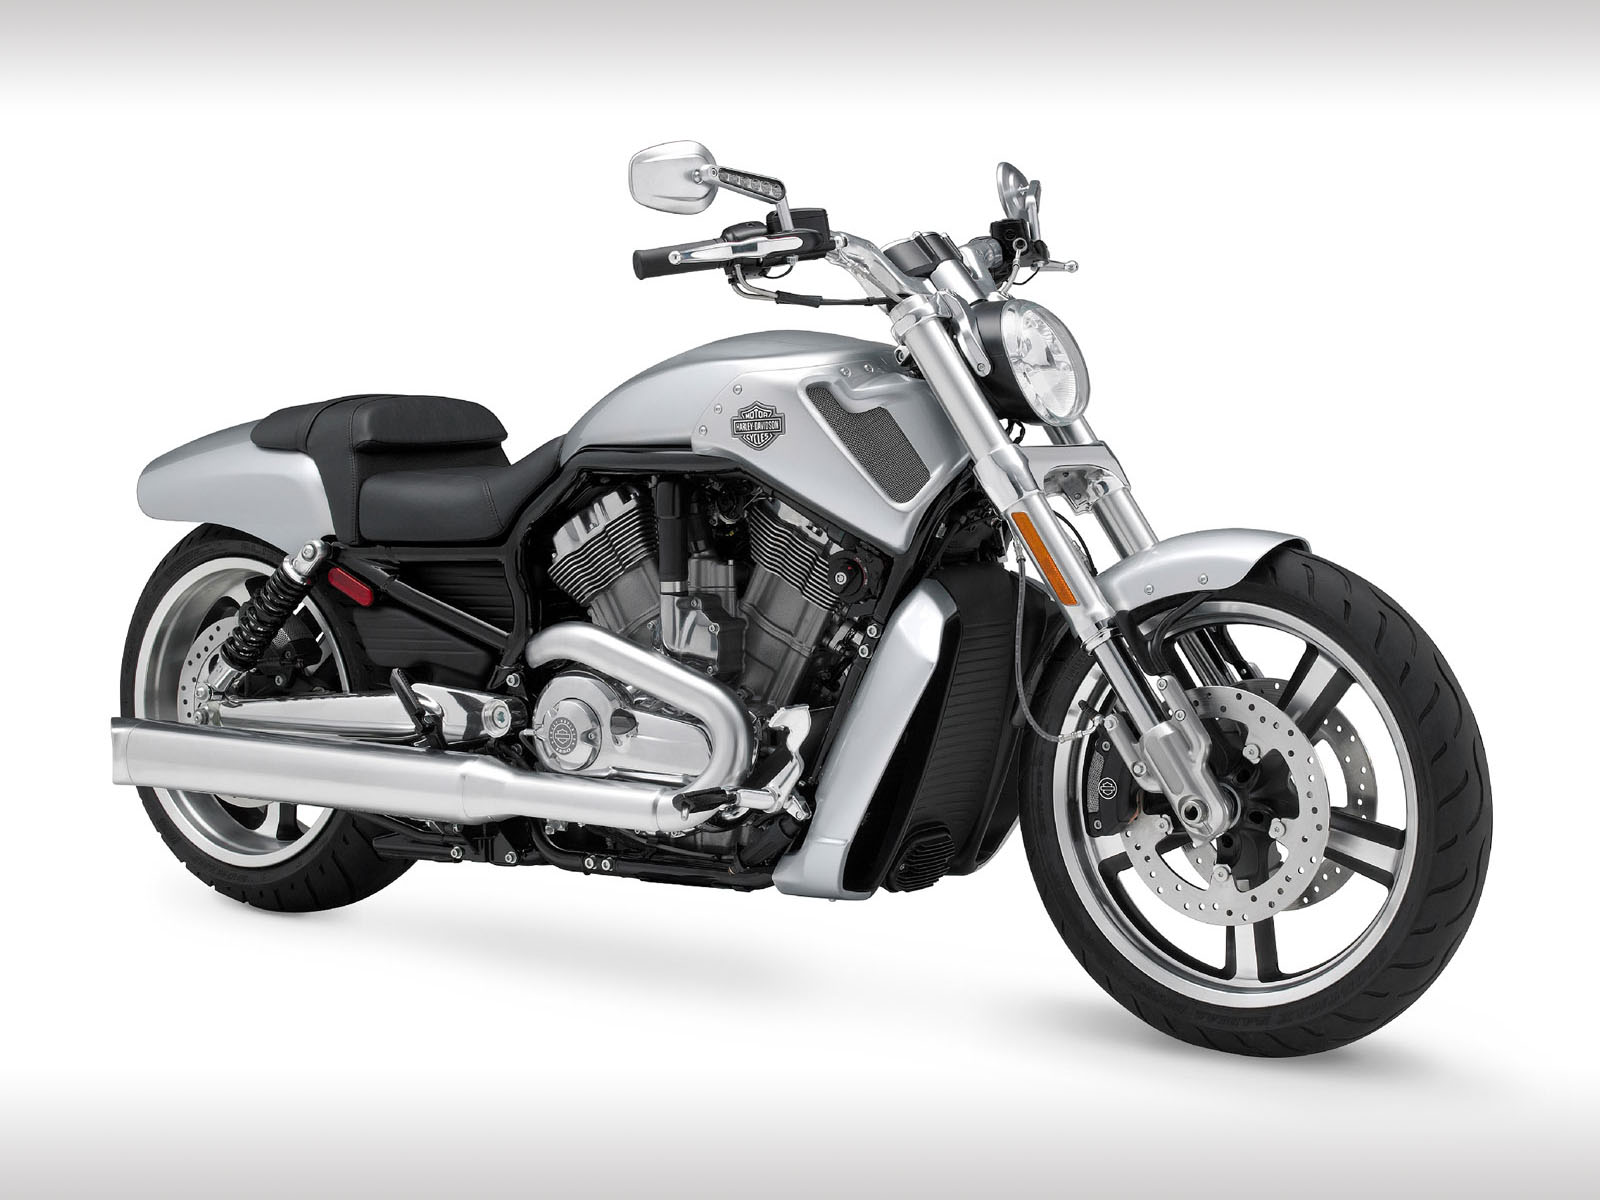 Harley Davidson Popular Models – Motorrad Bild Idee